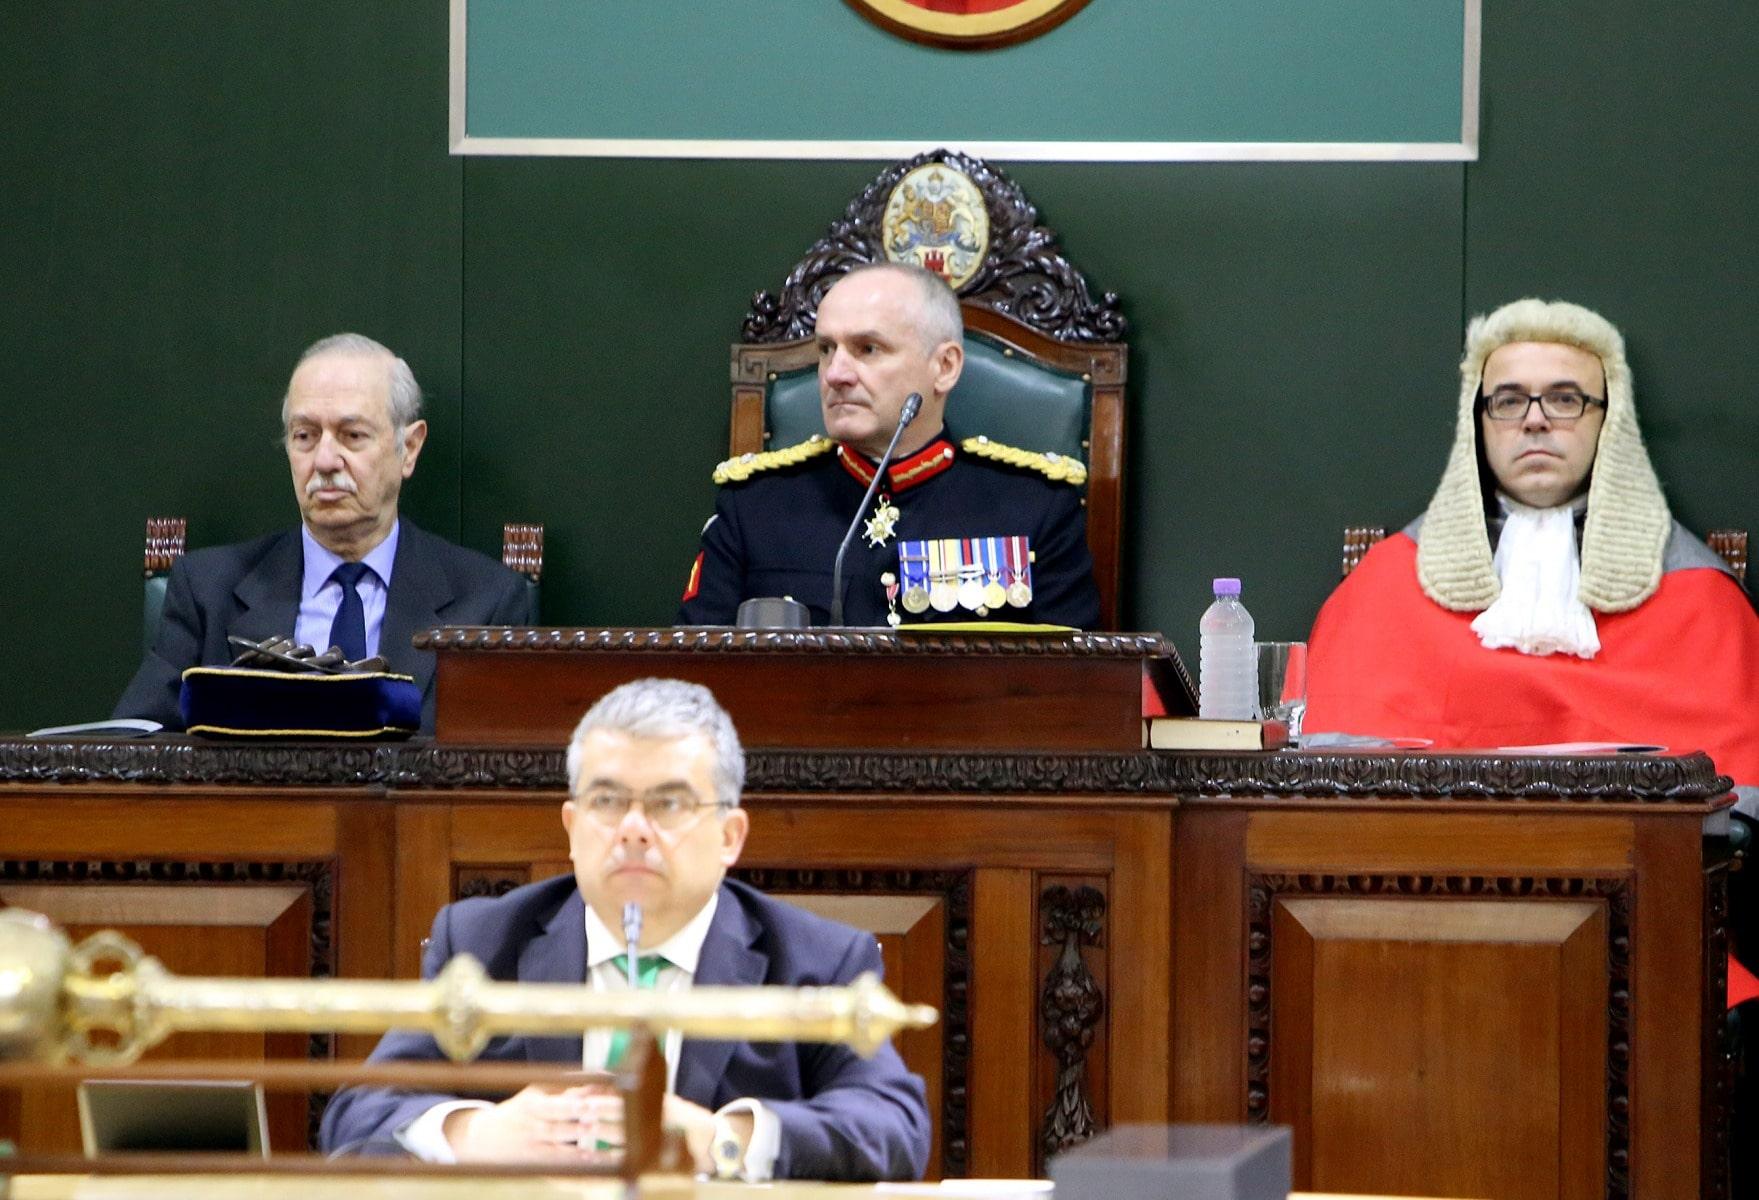 gobernador-de-gibraltar-edward-davis_24201453210_o